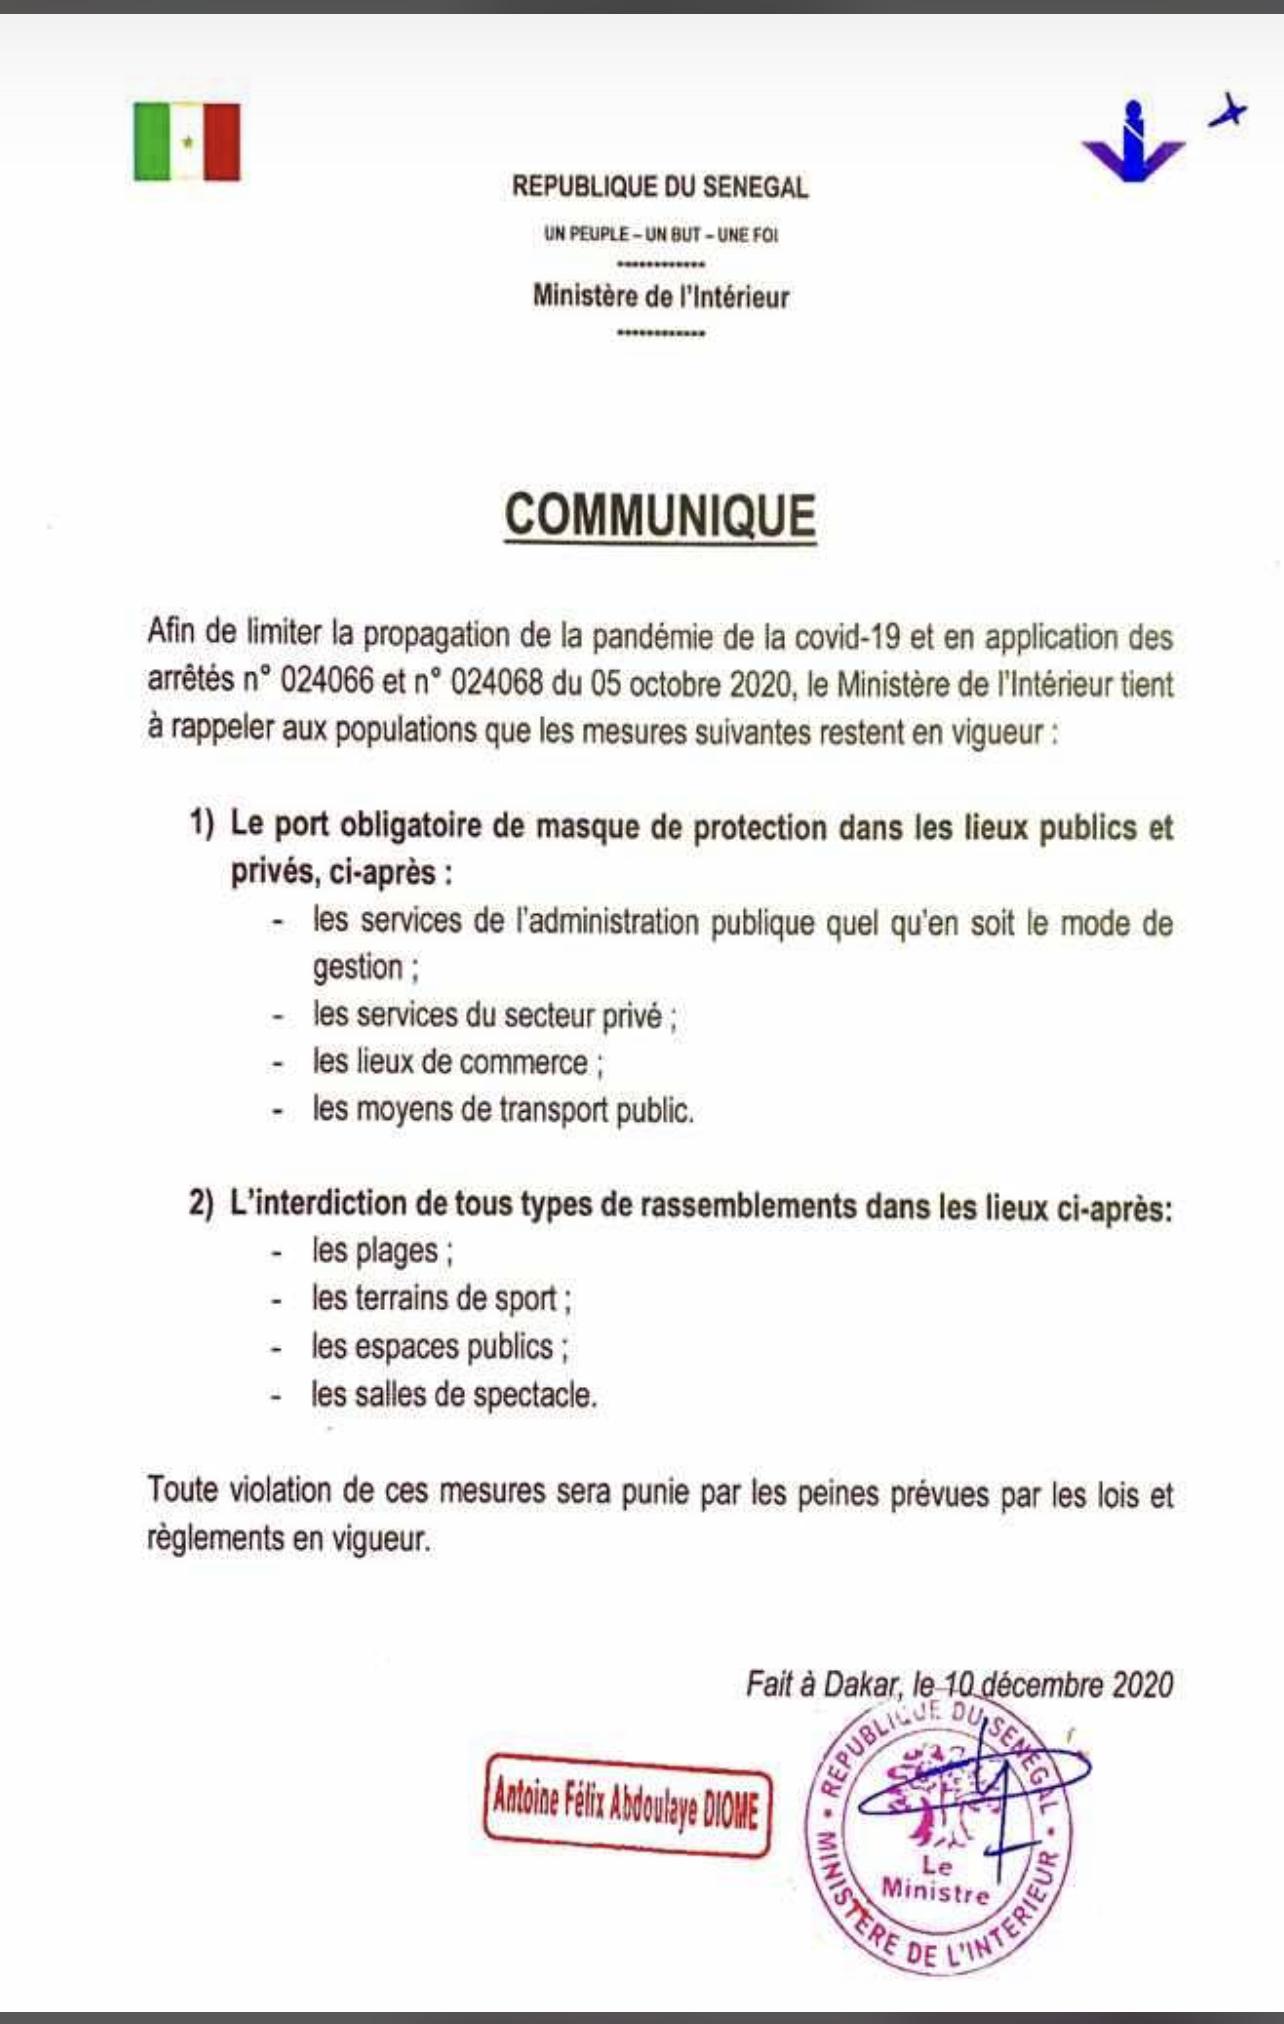 Lutte contre la Covid-19 : Les nouvelles mesures prises par le ministre de l'intérieur (DOCUMENT)